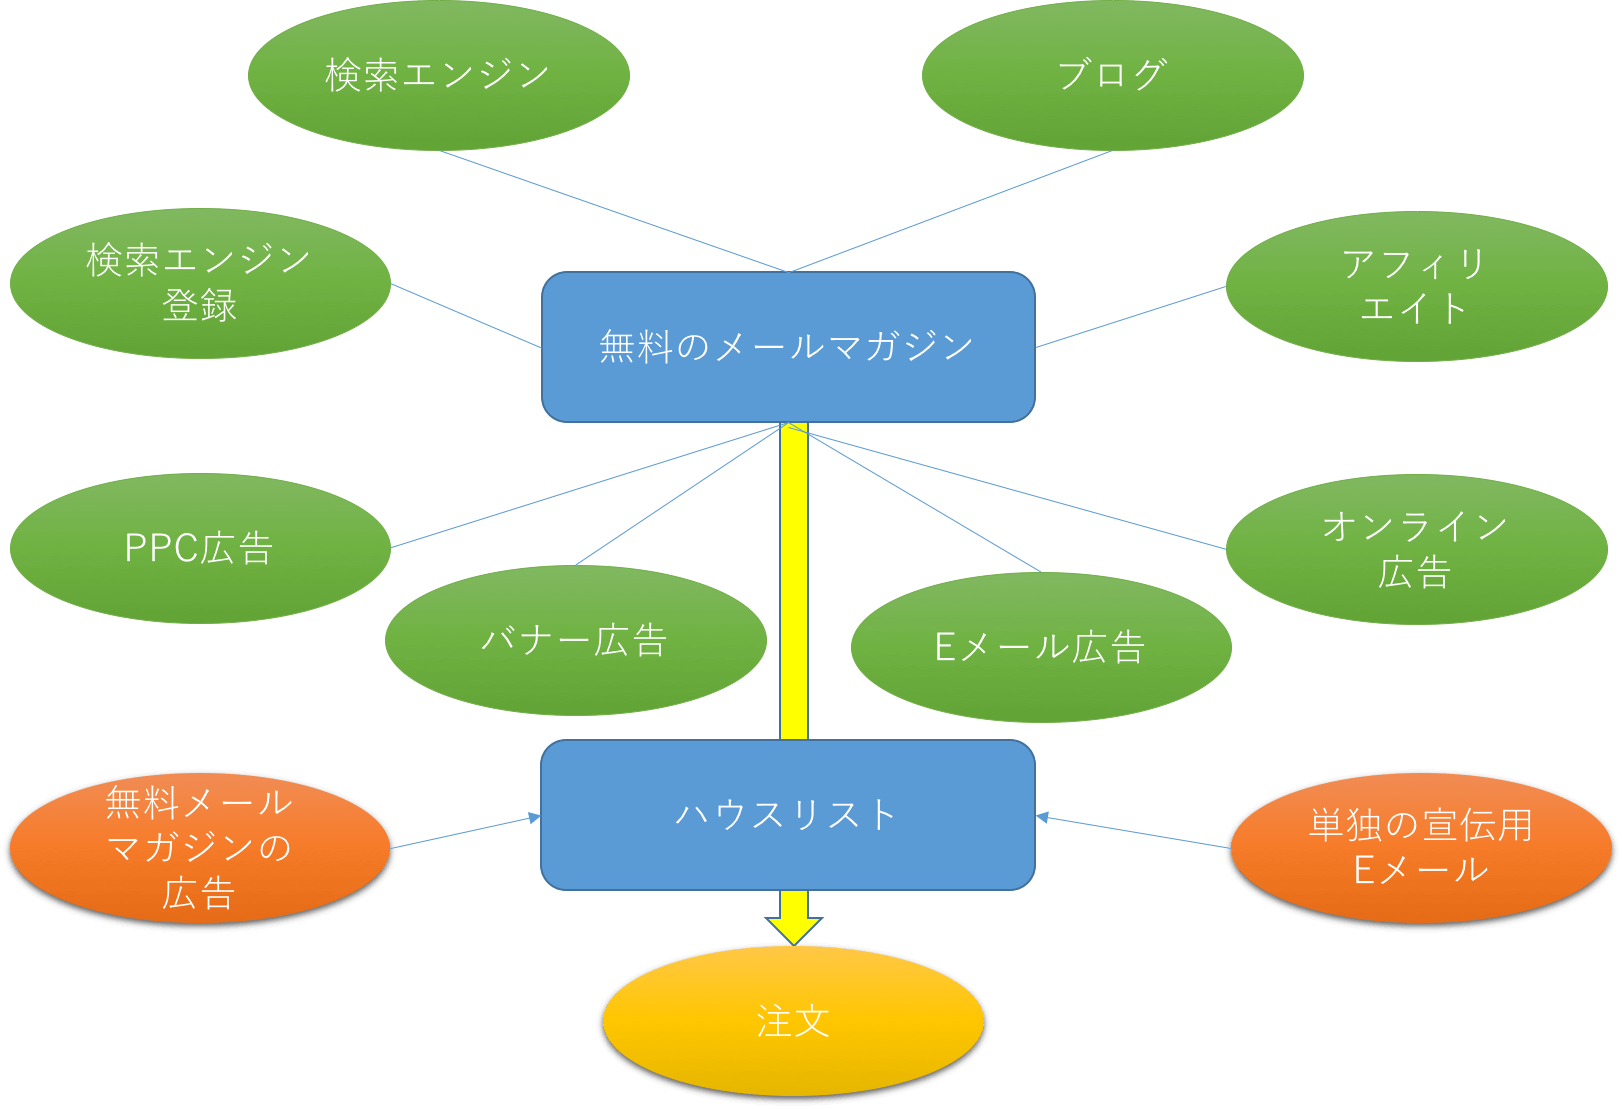 アゴラ・モデル(オーガニックモデル)